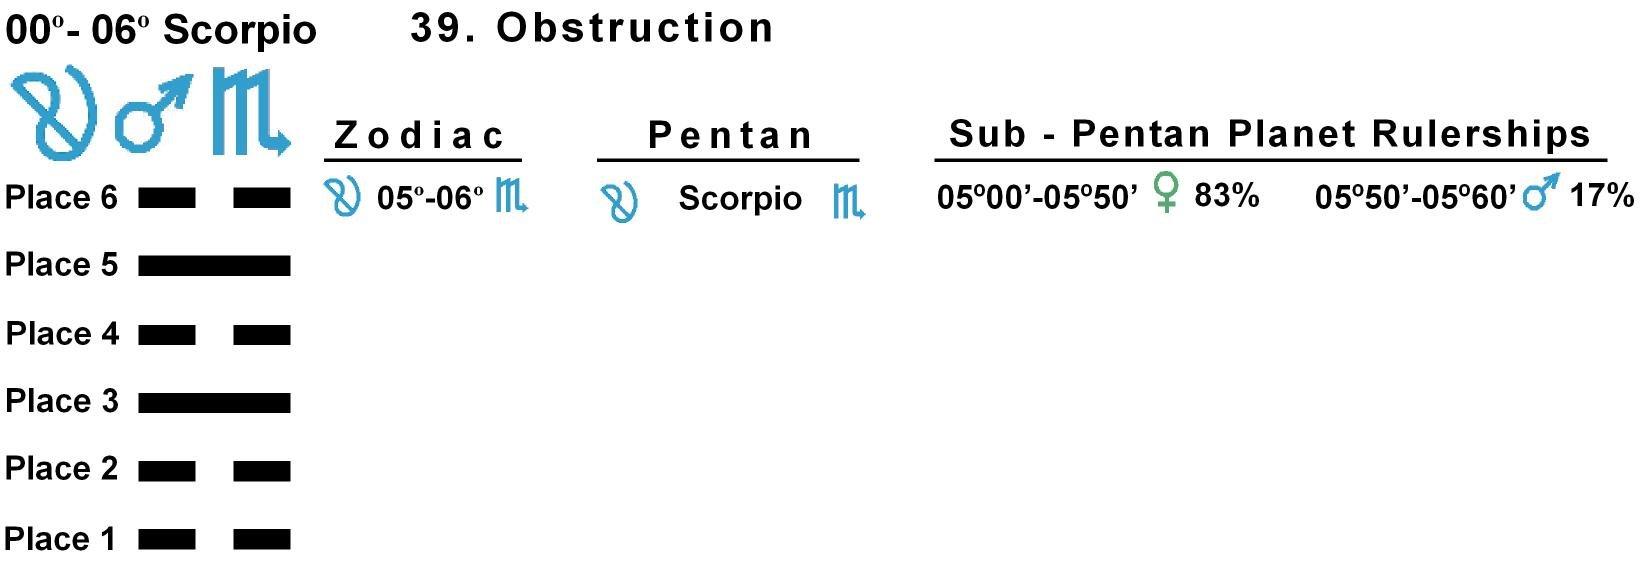 Pent-lines-08SC 05-06 Hx-39 Obstruction